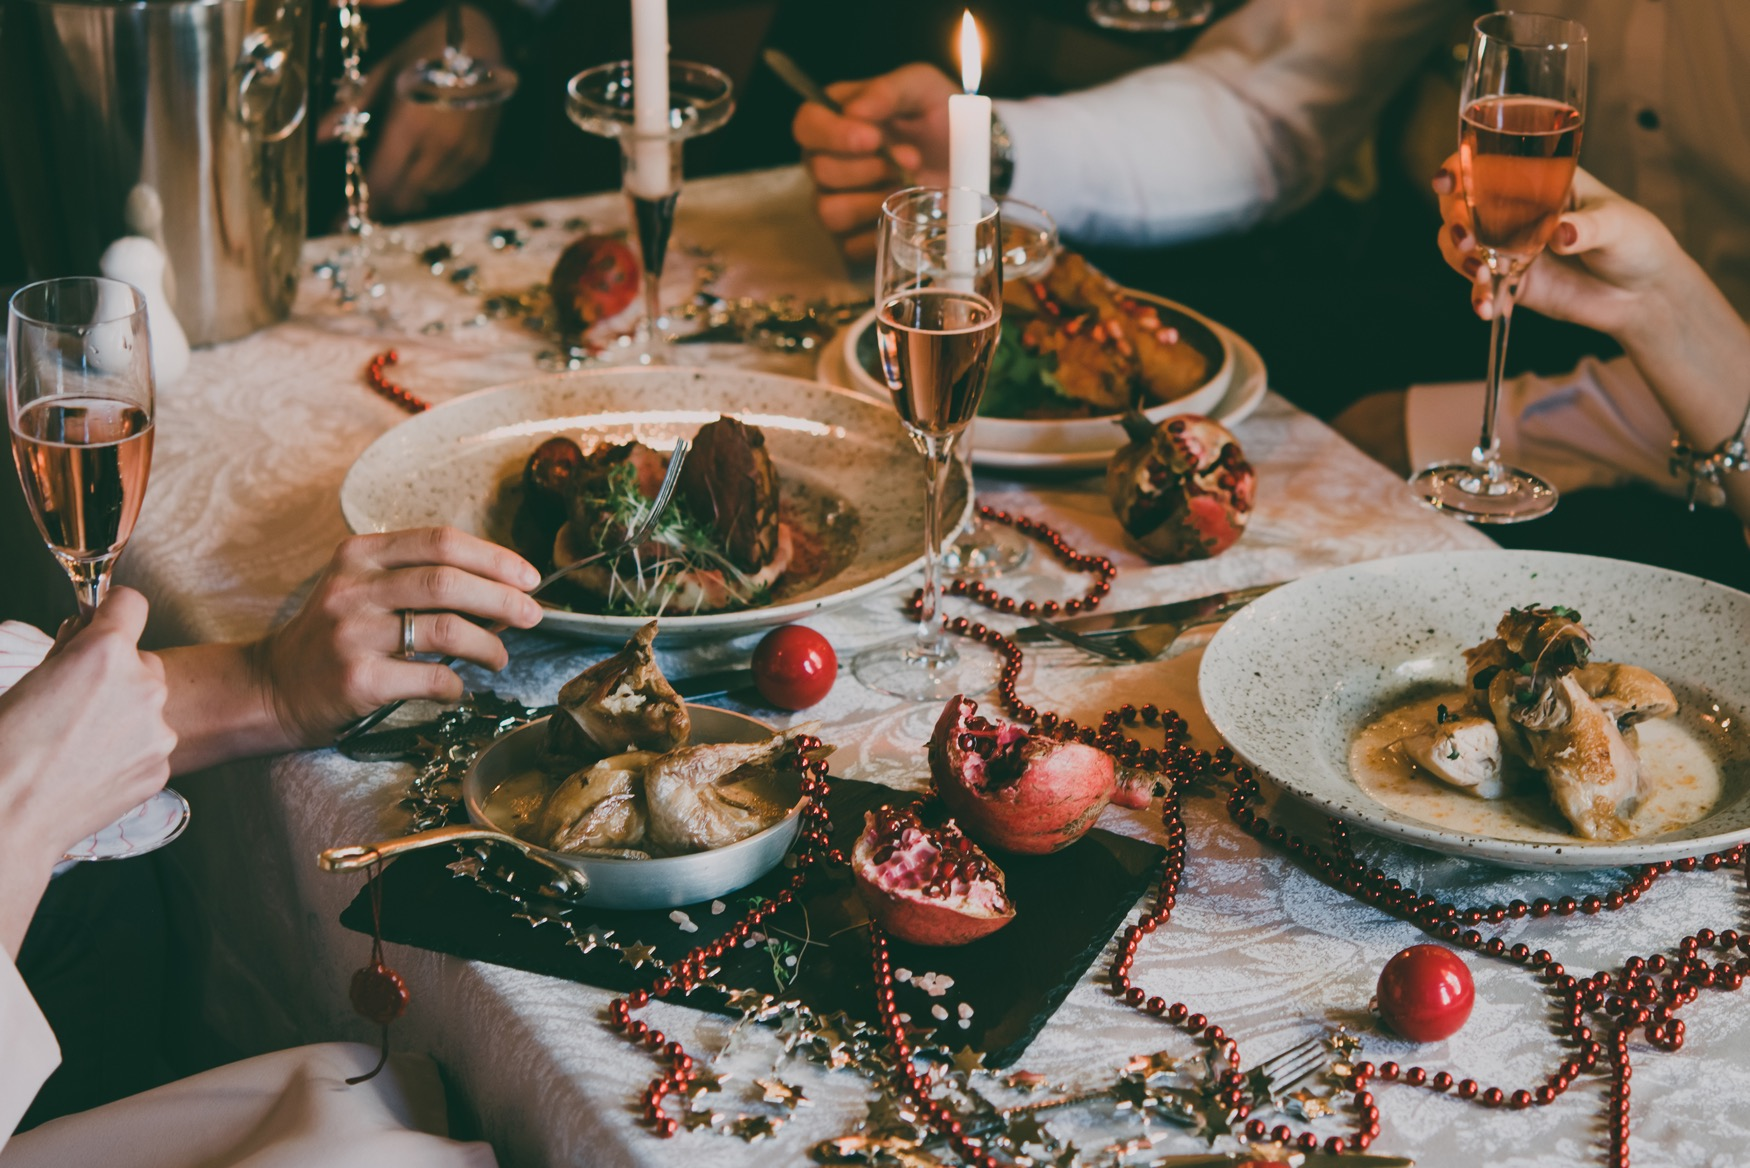 ロゼスパークリングワインで決まり!楽しみ方とおすすめの料理